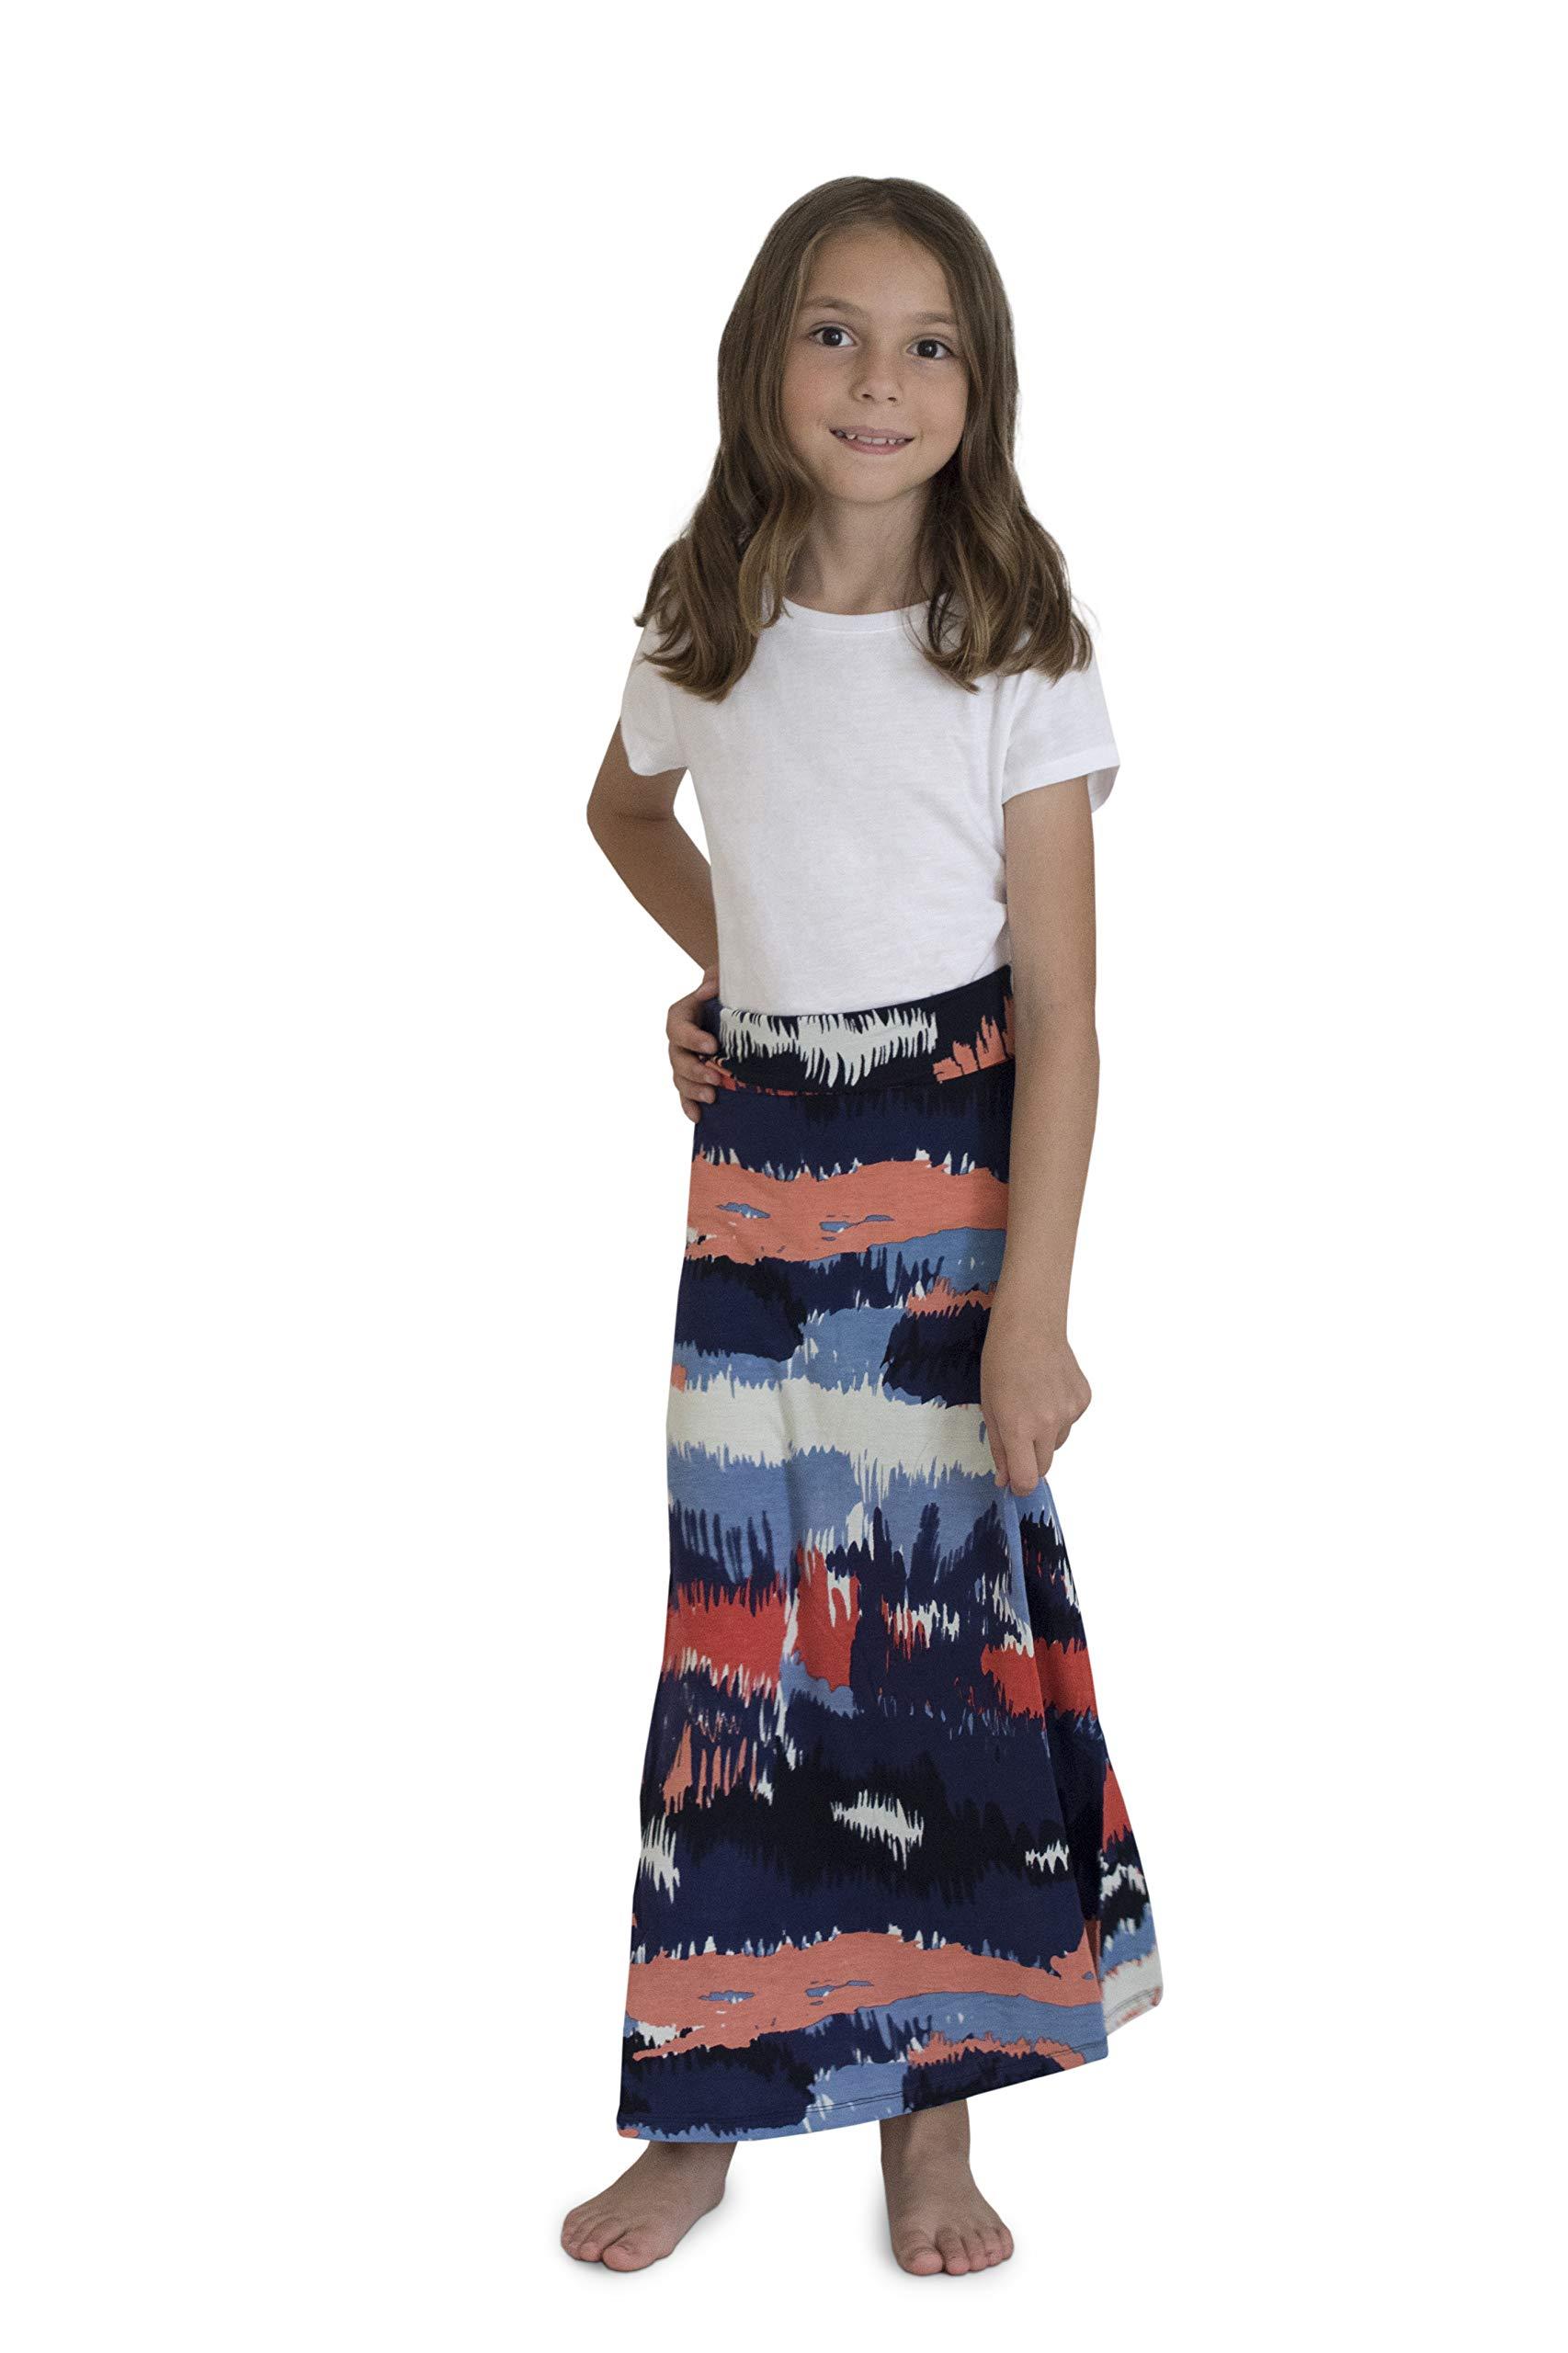 KIDPIK Skirts for Girls - Long Maxi Desert -M by KIDPIK (Image #1)